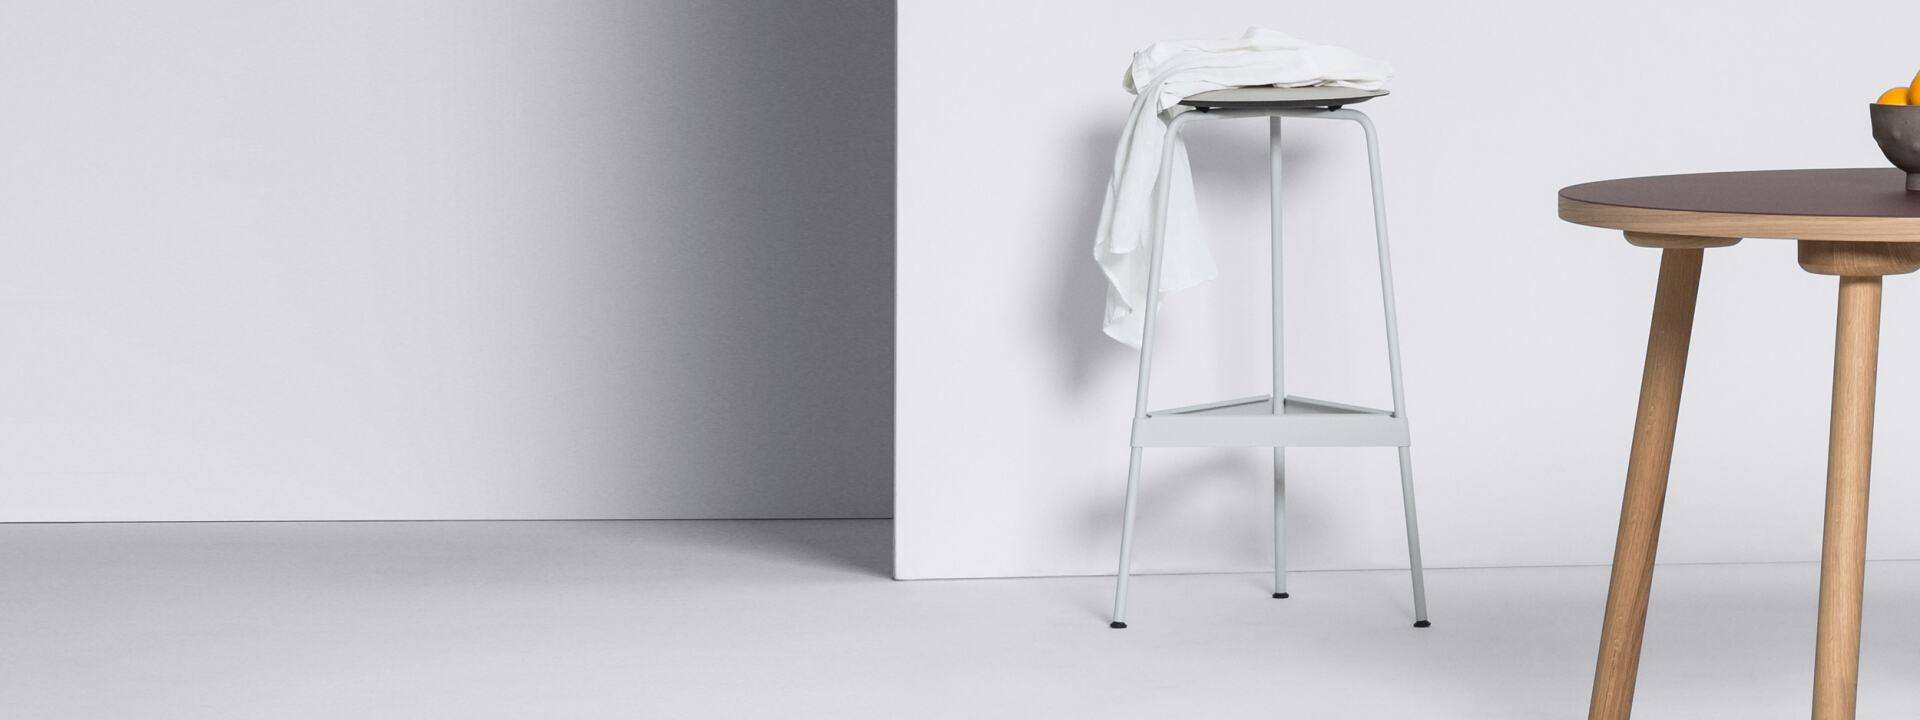 Ravioli Linoleum Barstool M, Chairs & Stools